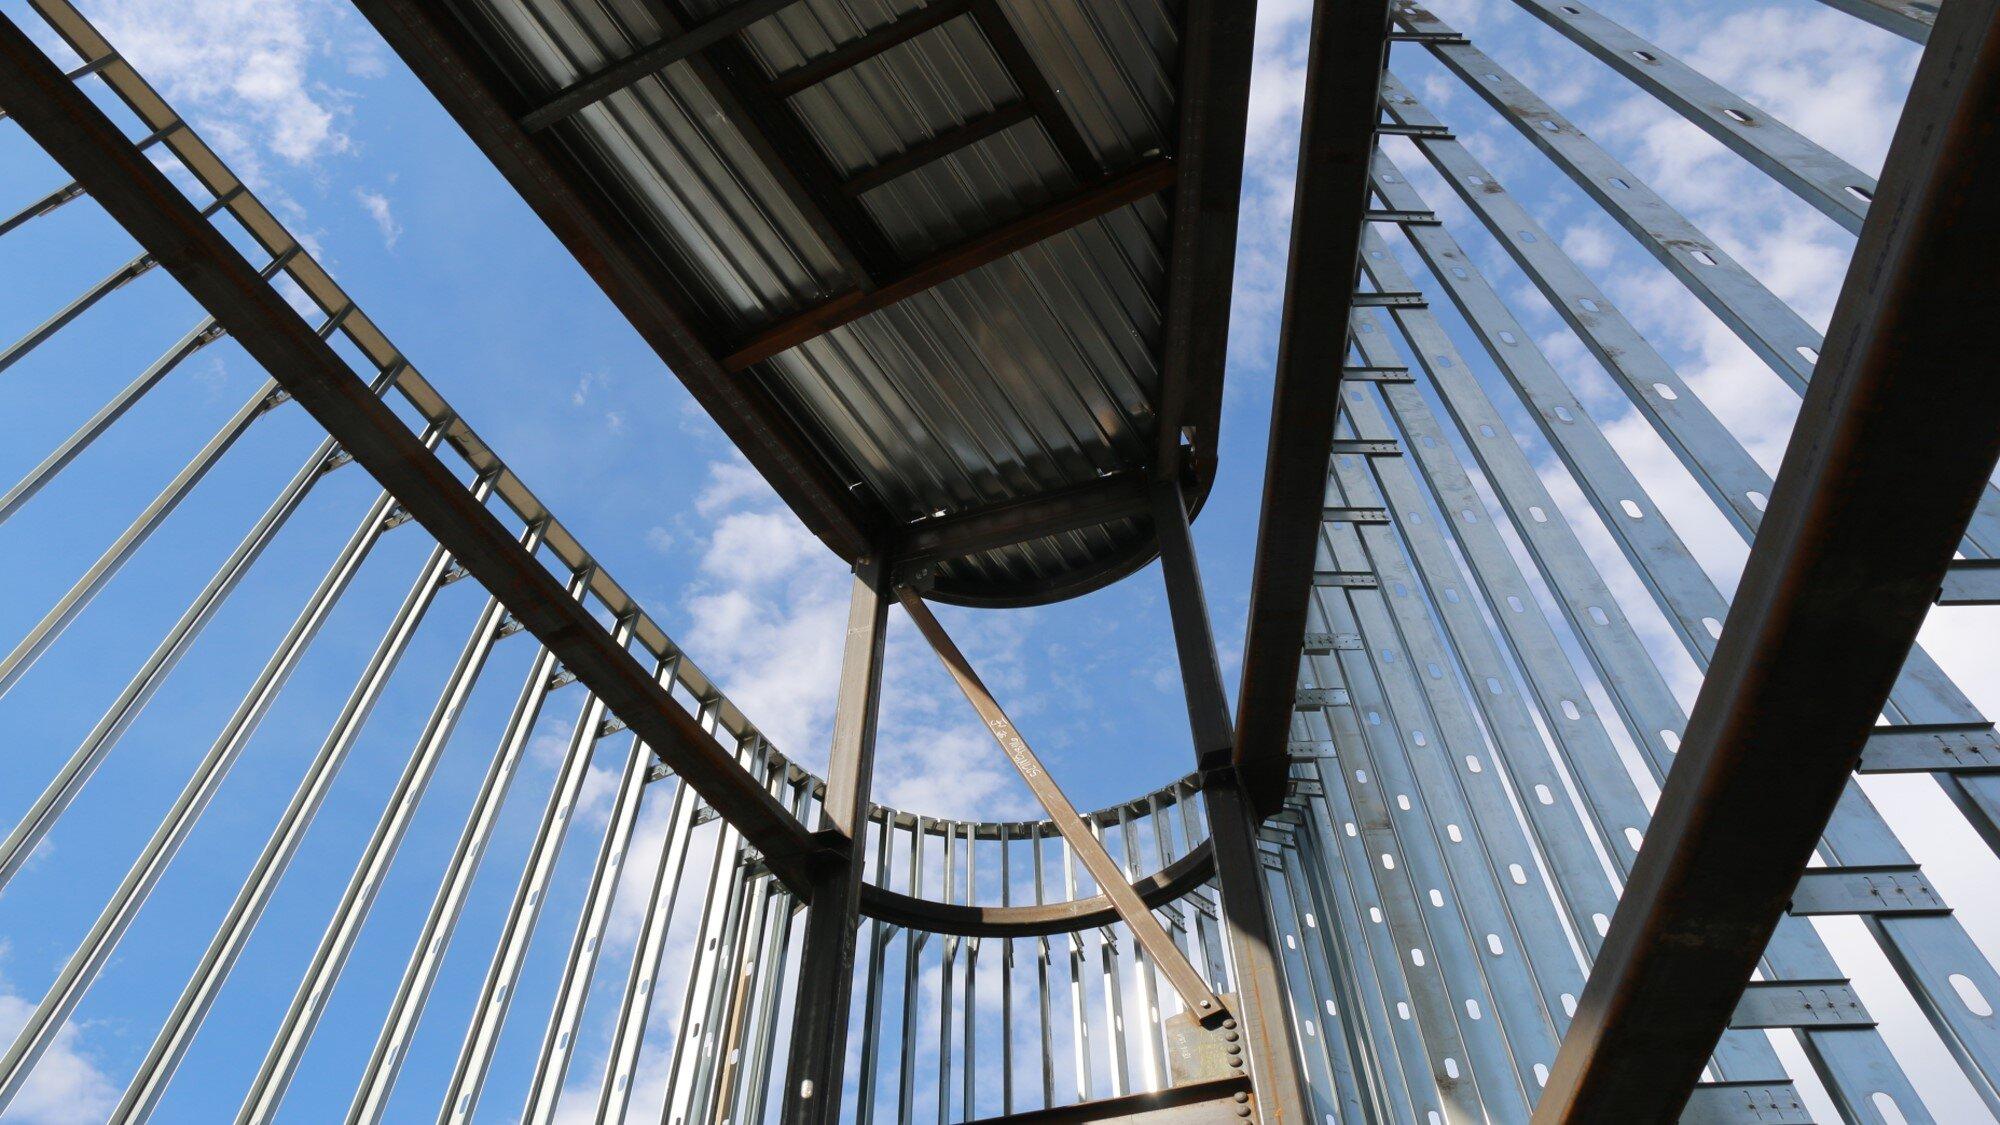 Exterior Metal Gauged Framing